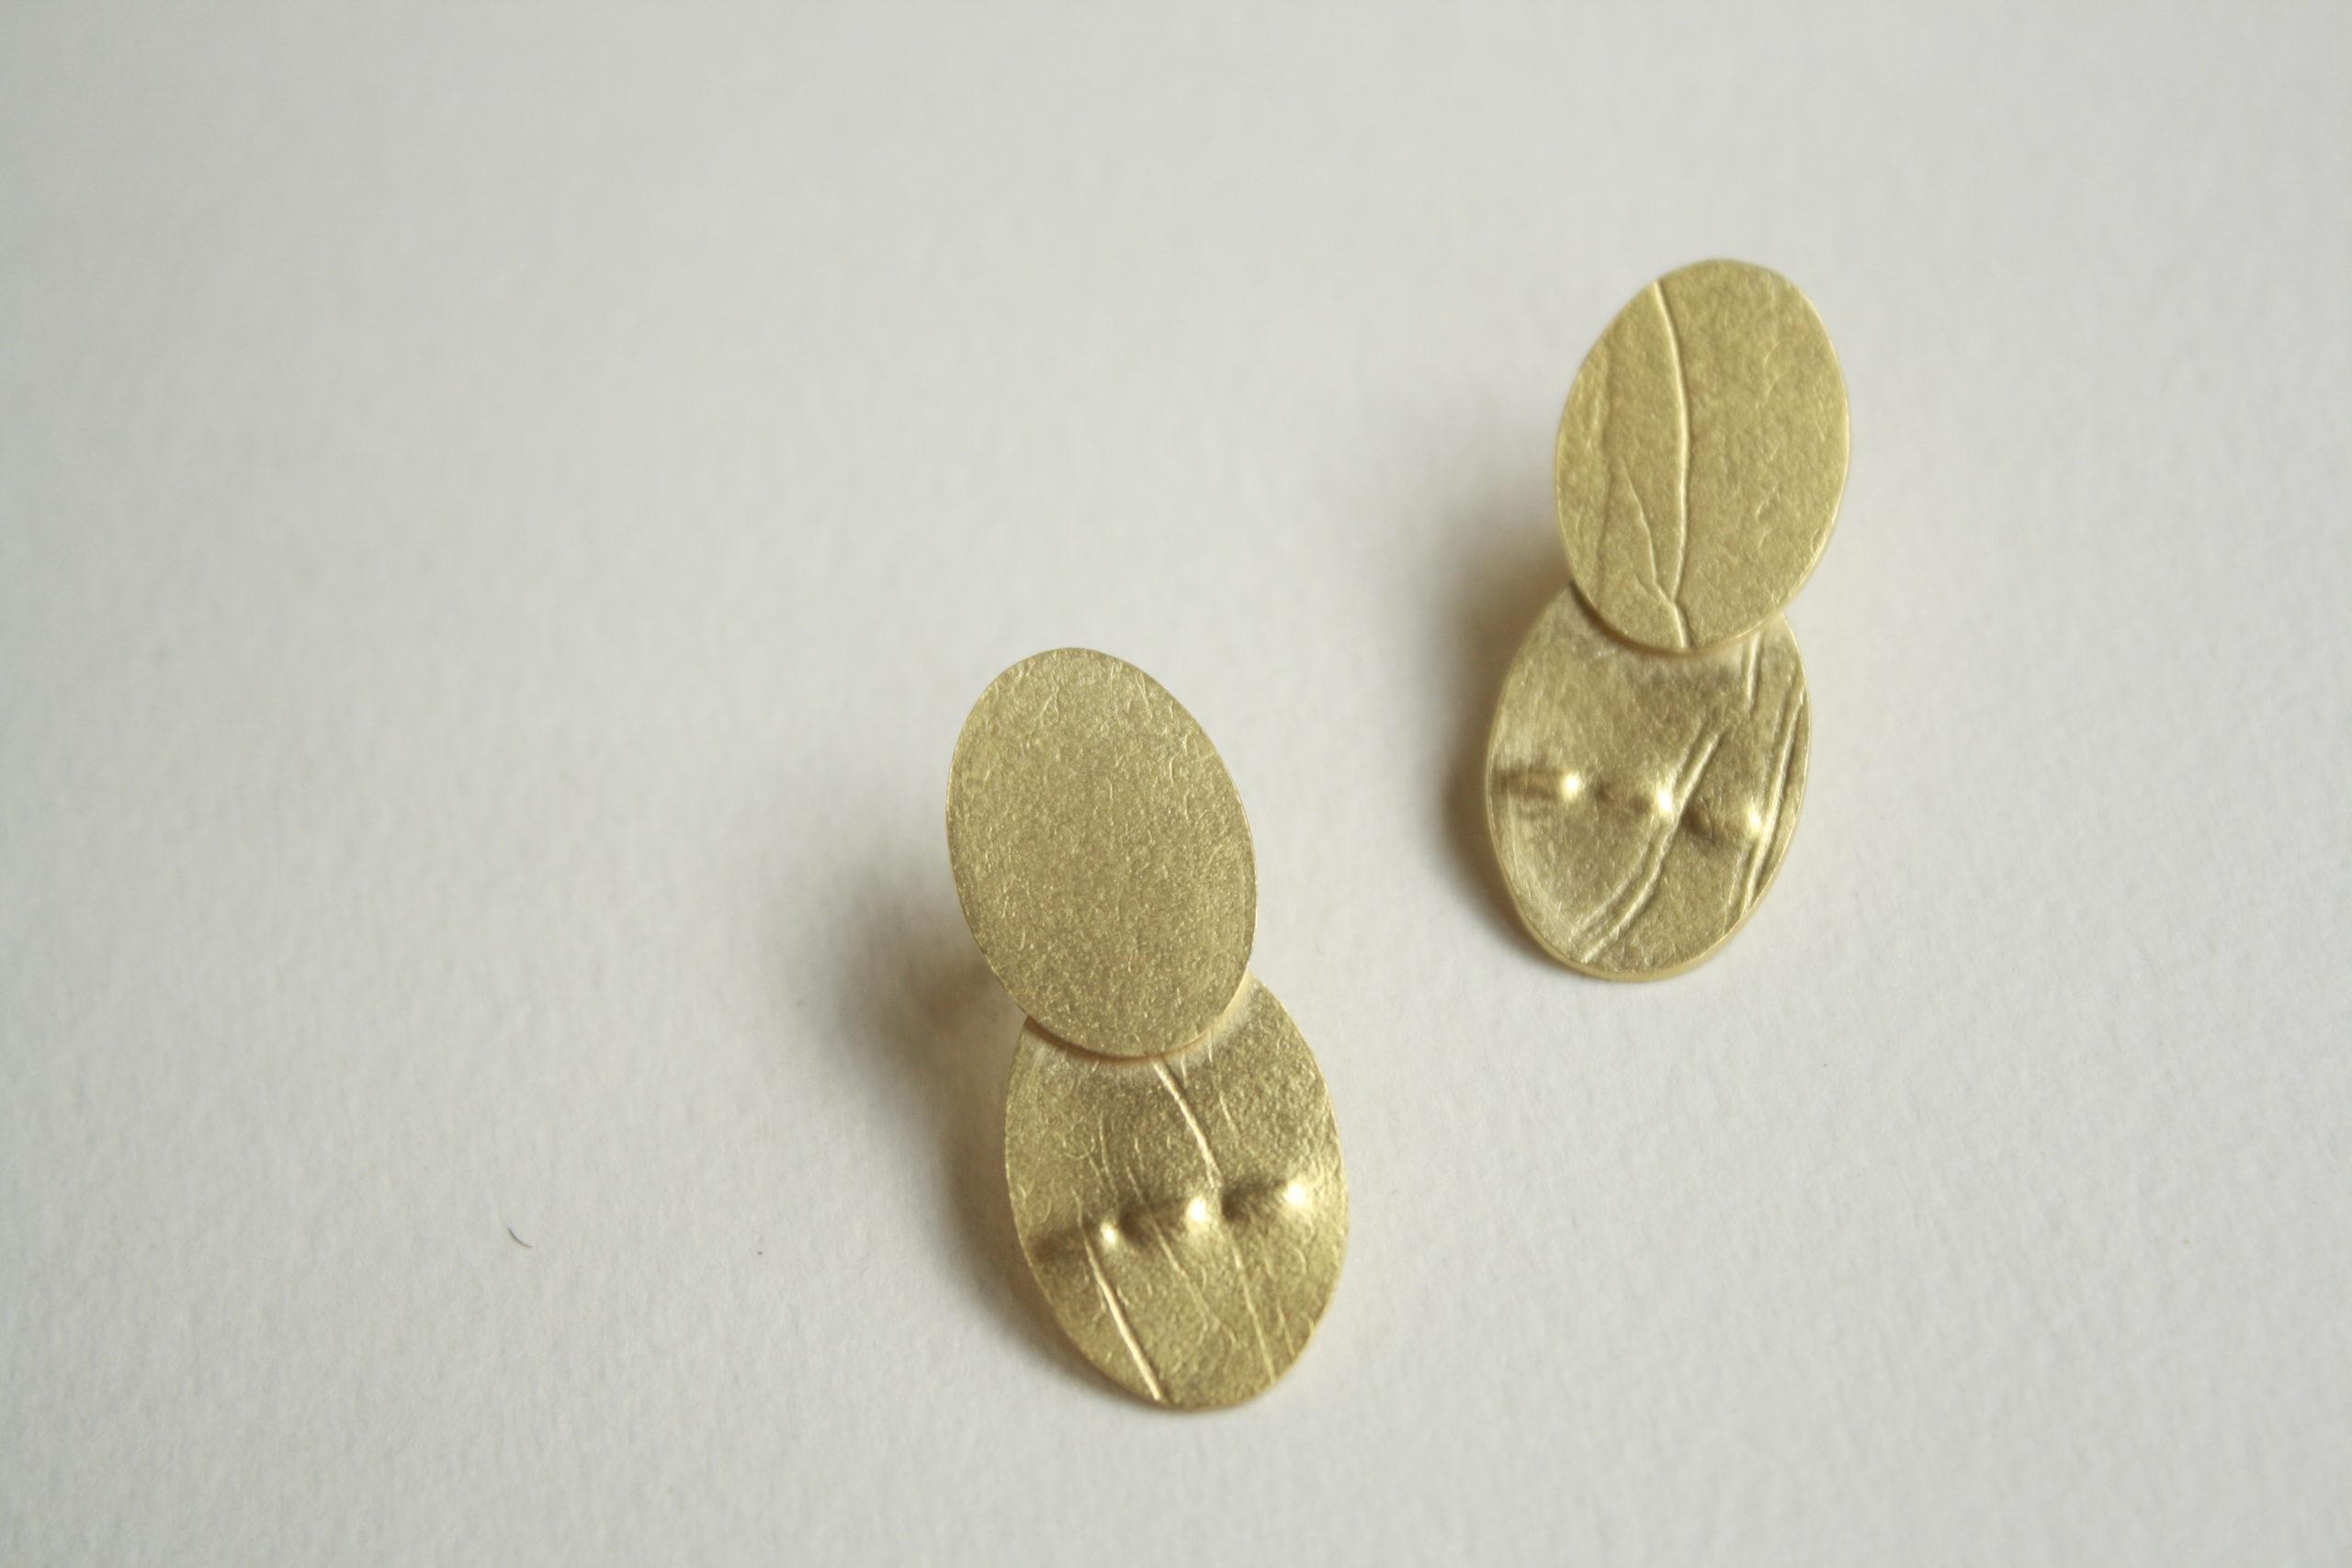 Pendientes con dos óvalos de plata dorados texturizados